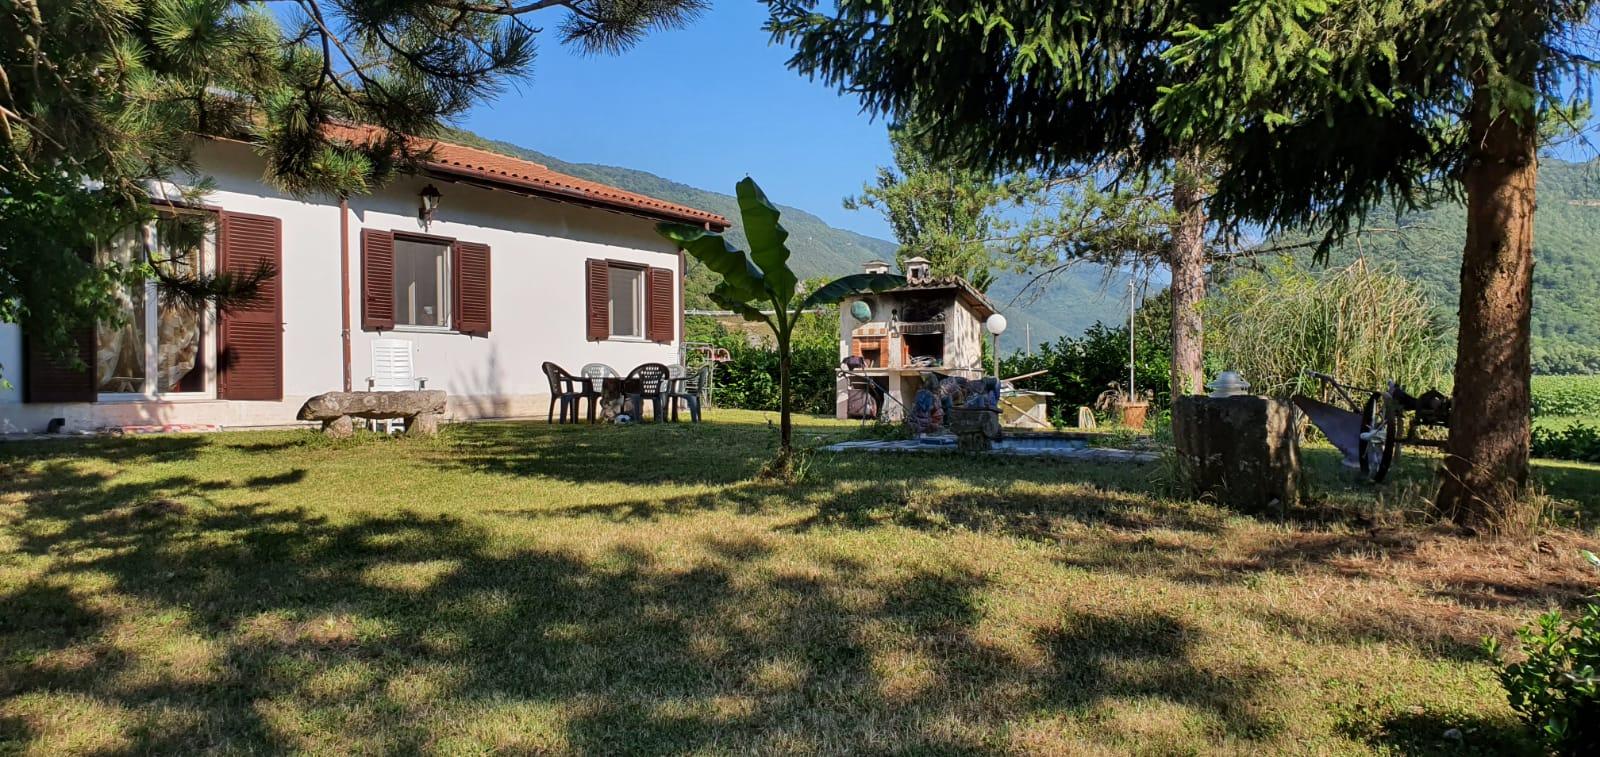 Rieti: Villa con parco a fonte cottorella (Rif.2049)